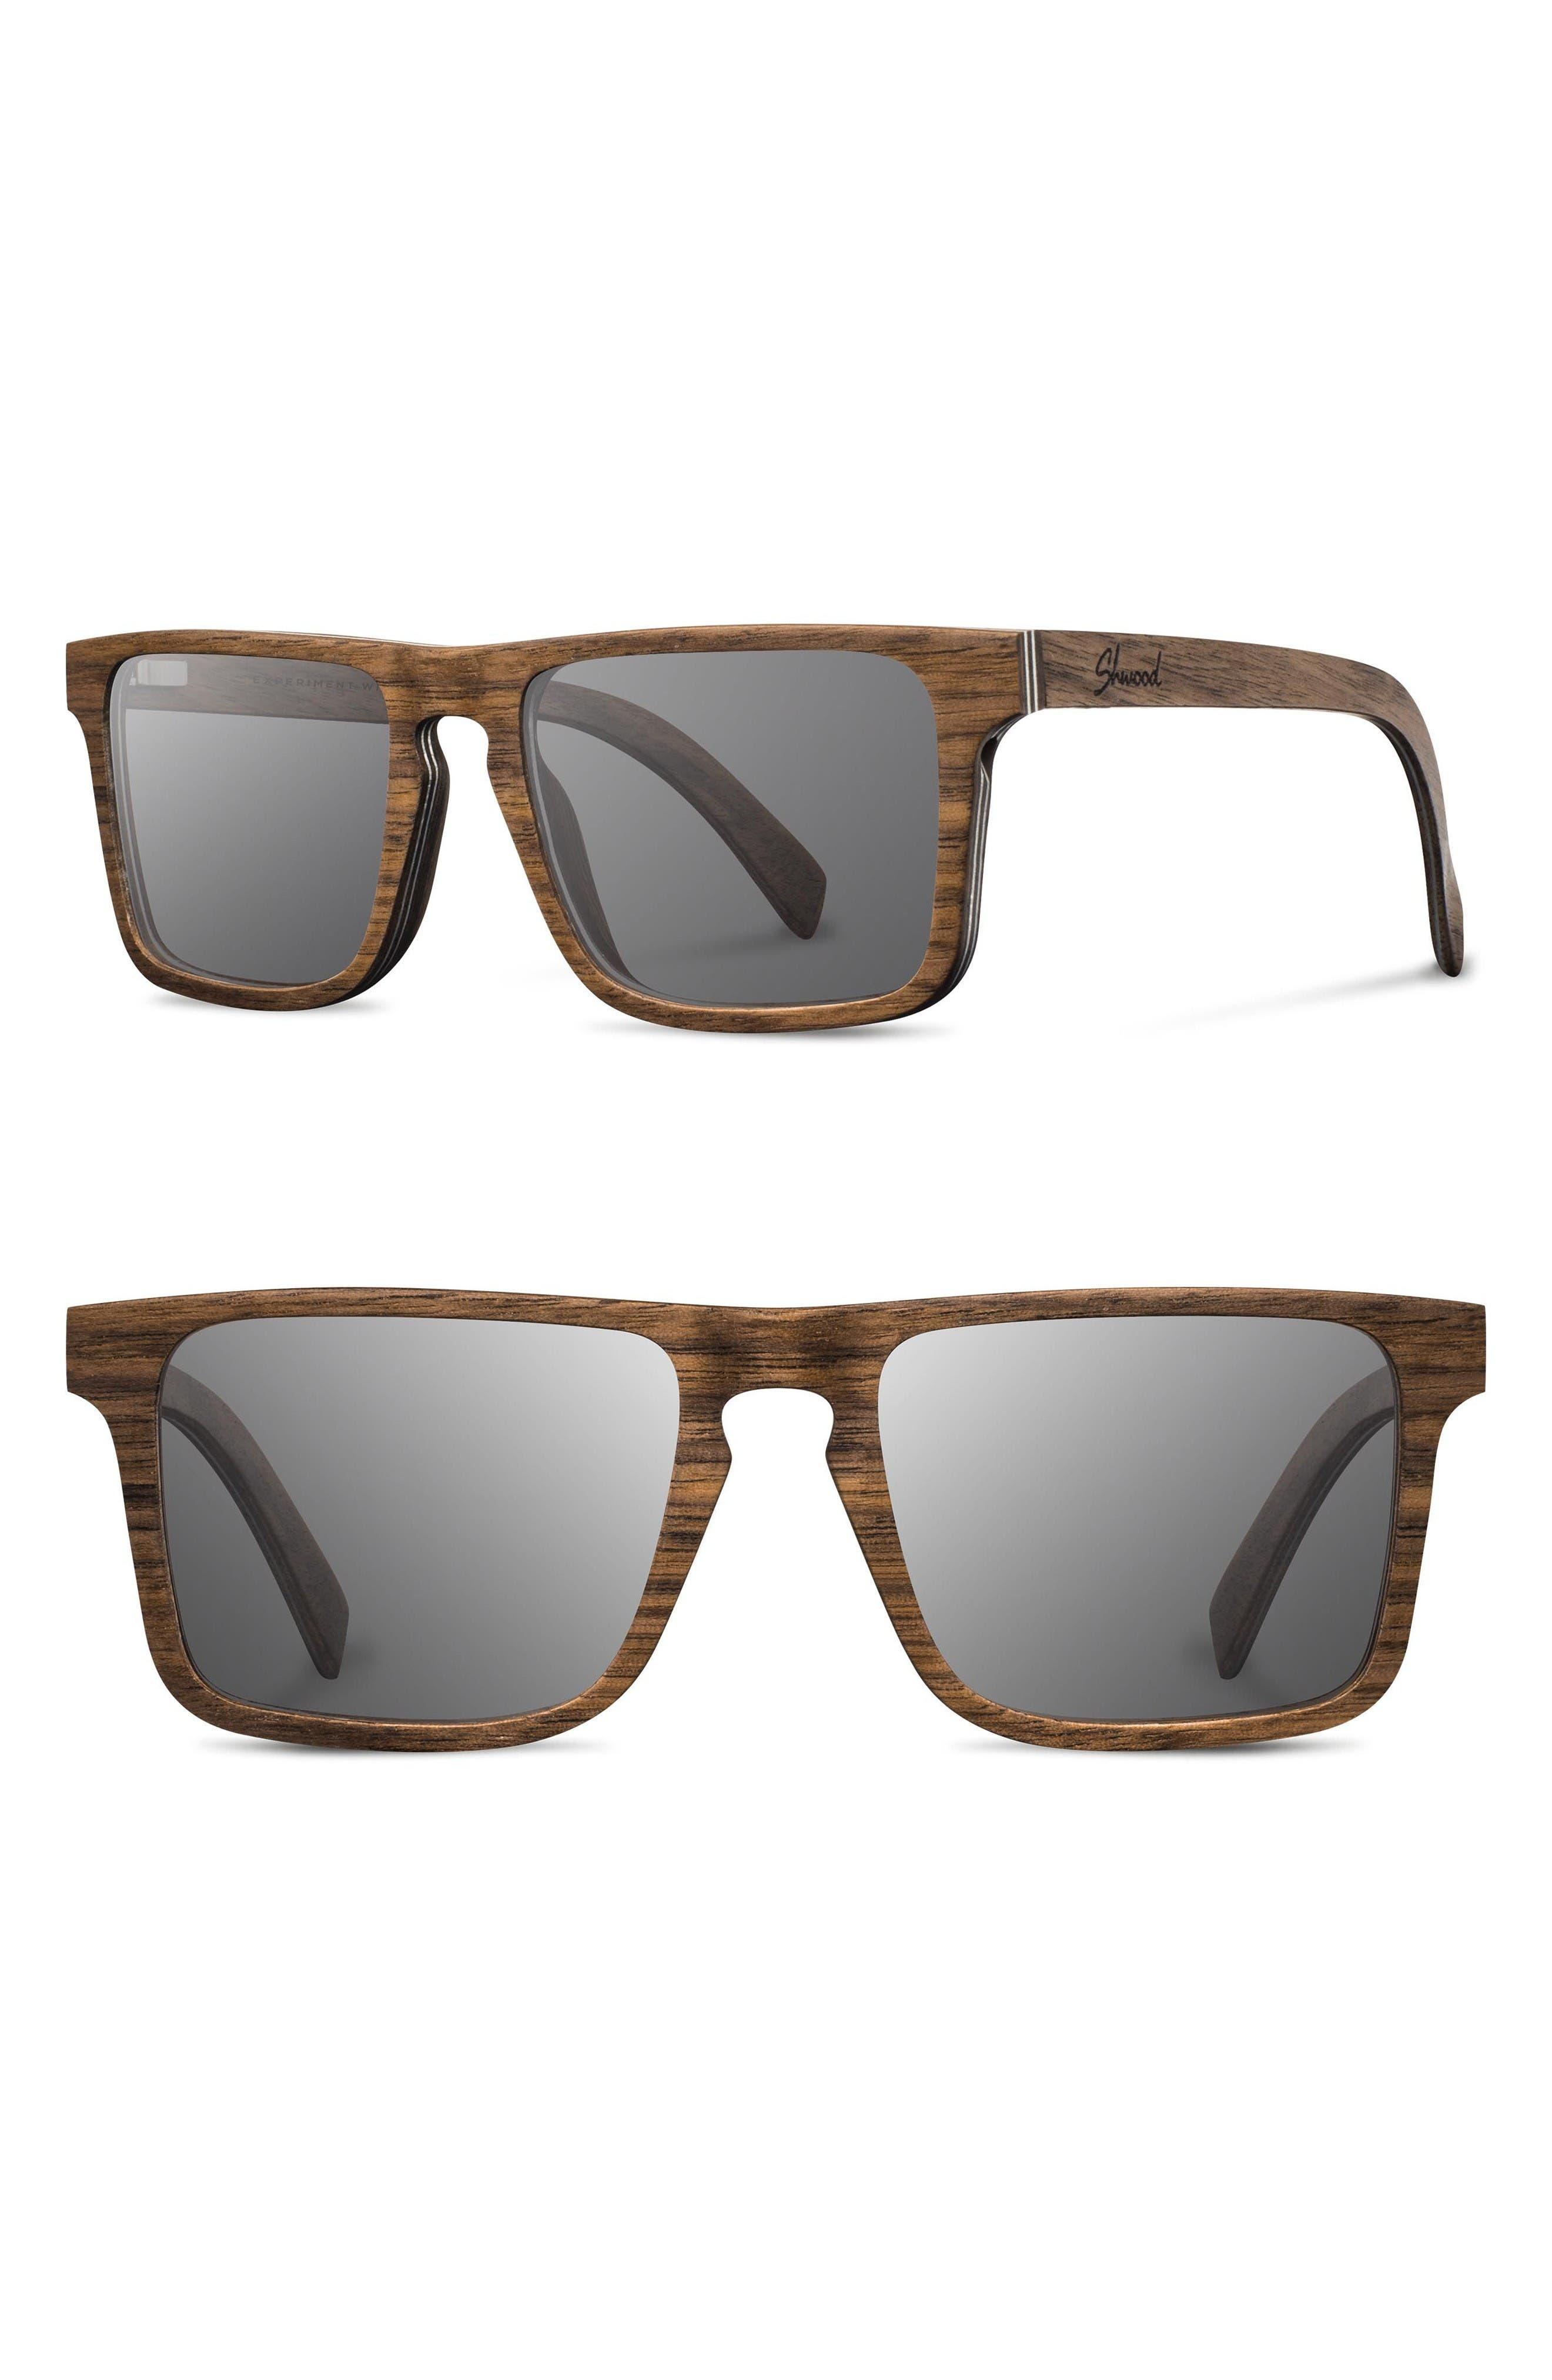 Alternate Image 1 Selected - Shwood Govy 2 52mm Polarized Wood Sunglasses